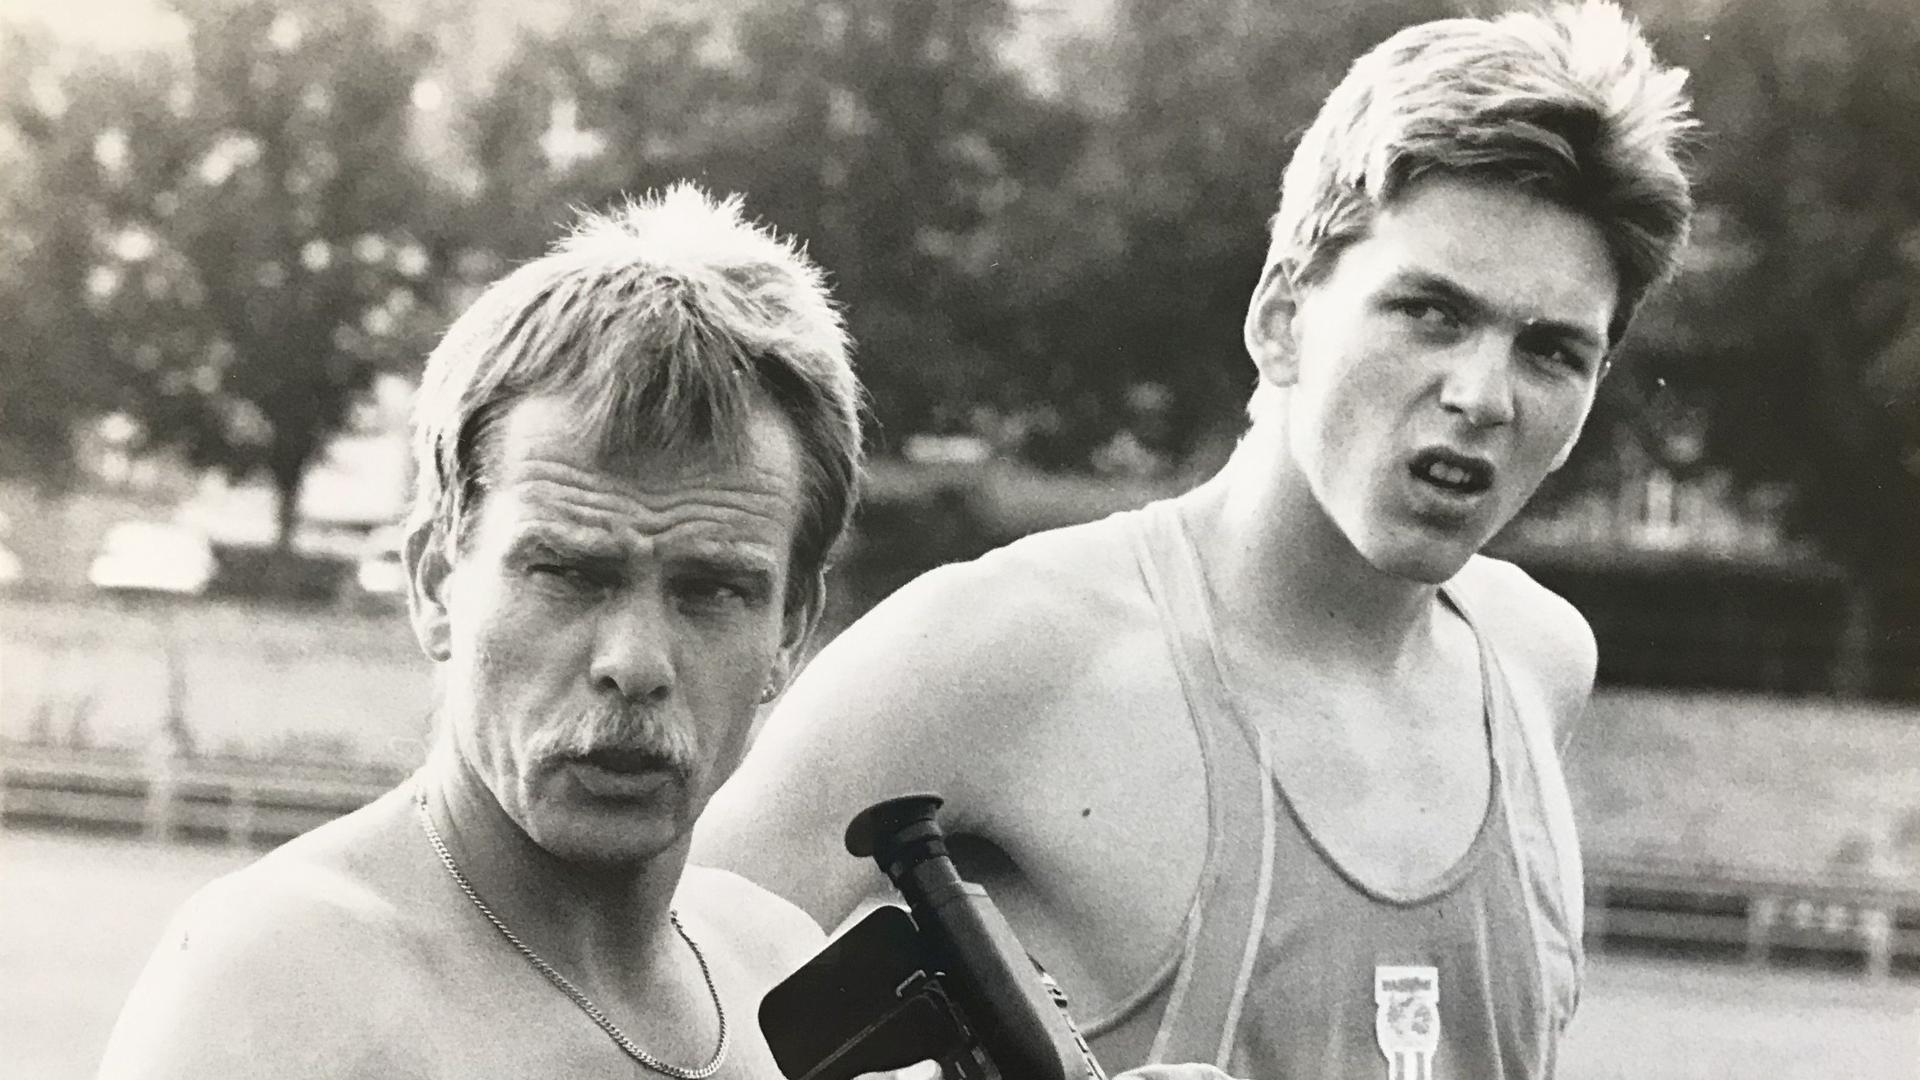 Erfolgsduo aus dem Murgtal: Leichtathletik-Trainer Udo Metzler (links) führte Georg Ackermann vor drei Jahrzehnten in die deutsche Weitsprung-Spitze.